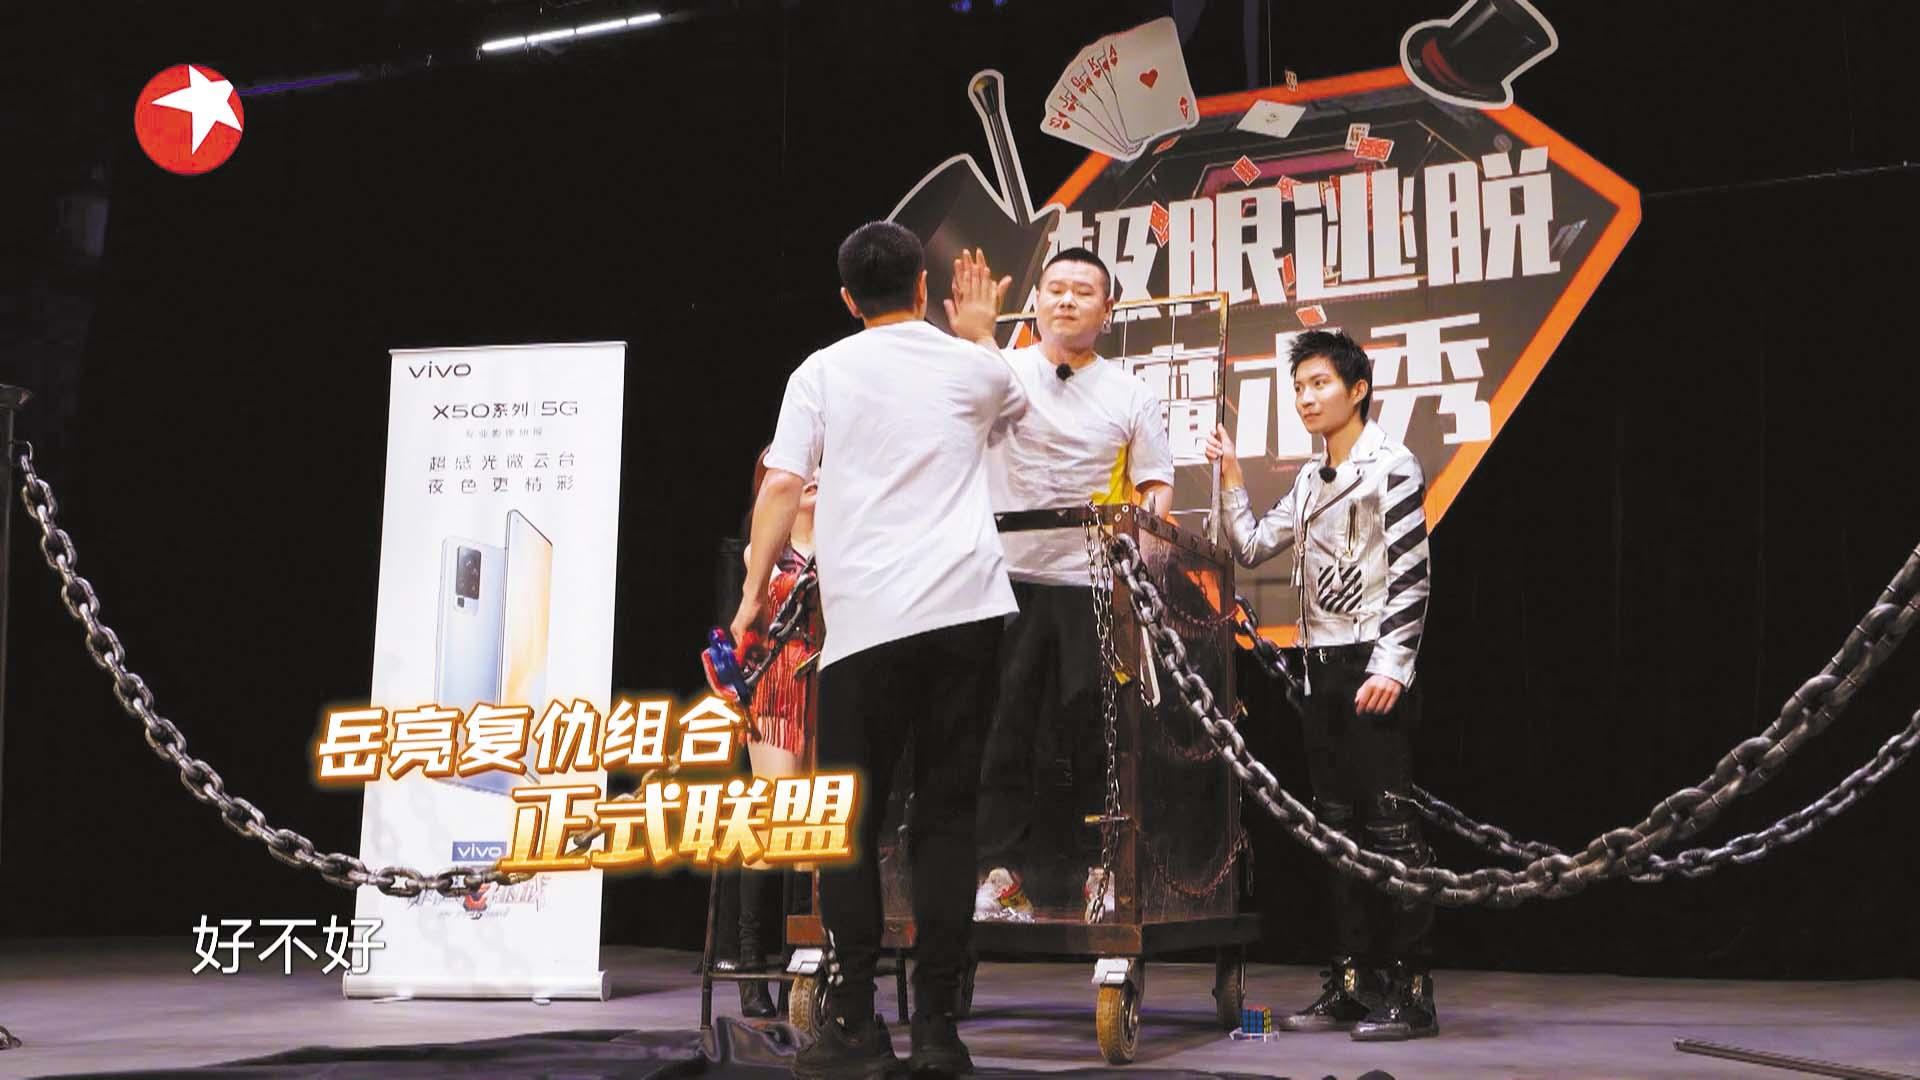 岳雲鵬被賈乃亮救出激動與對方擊掌。 網上圖片